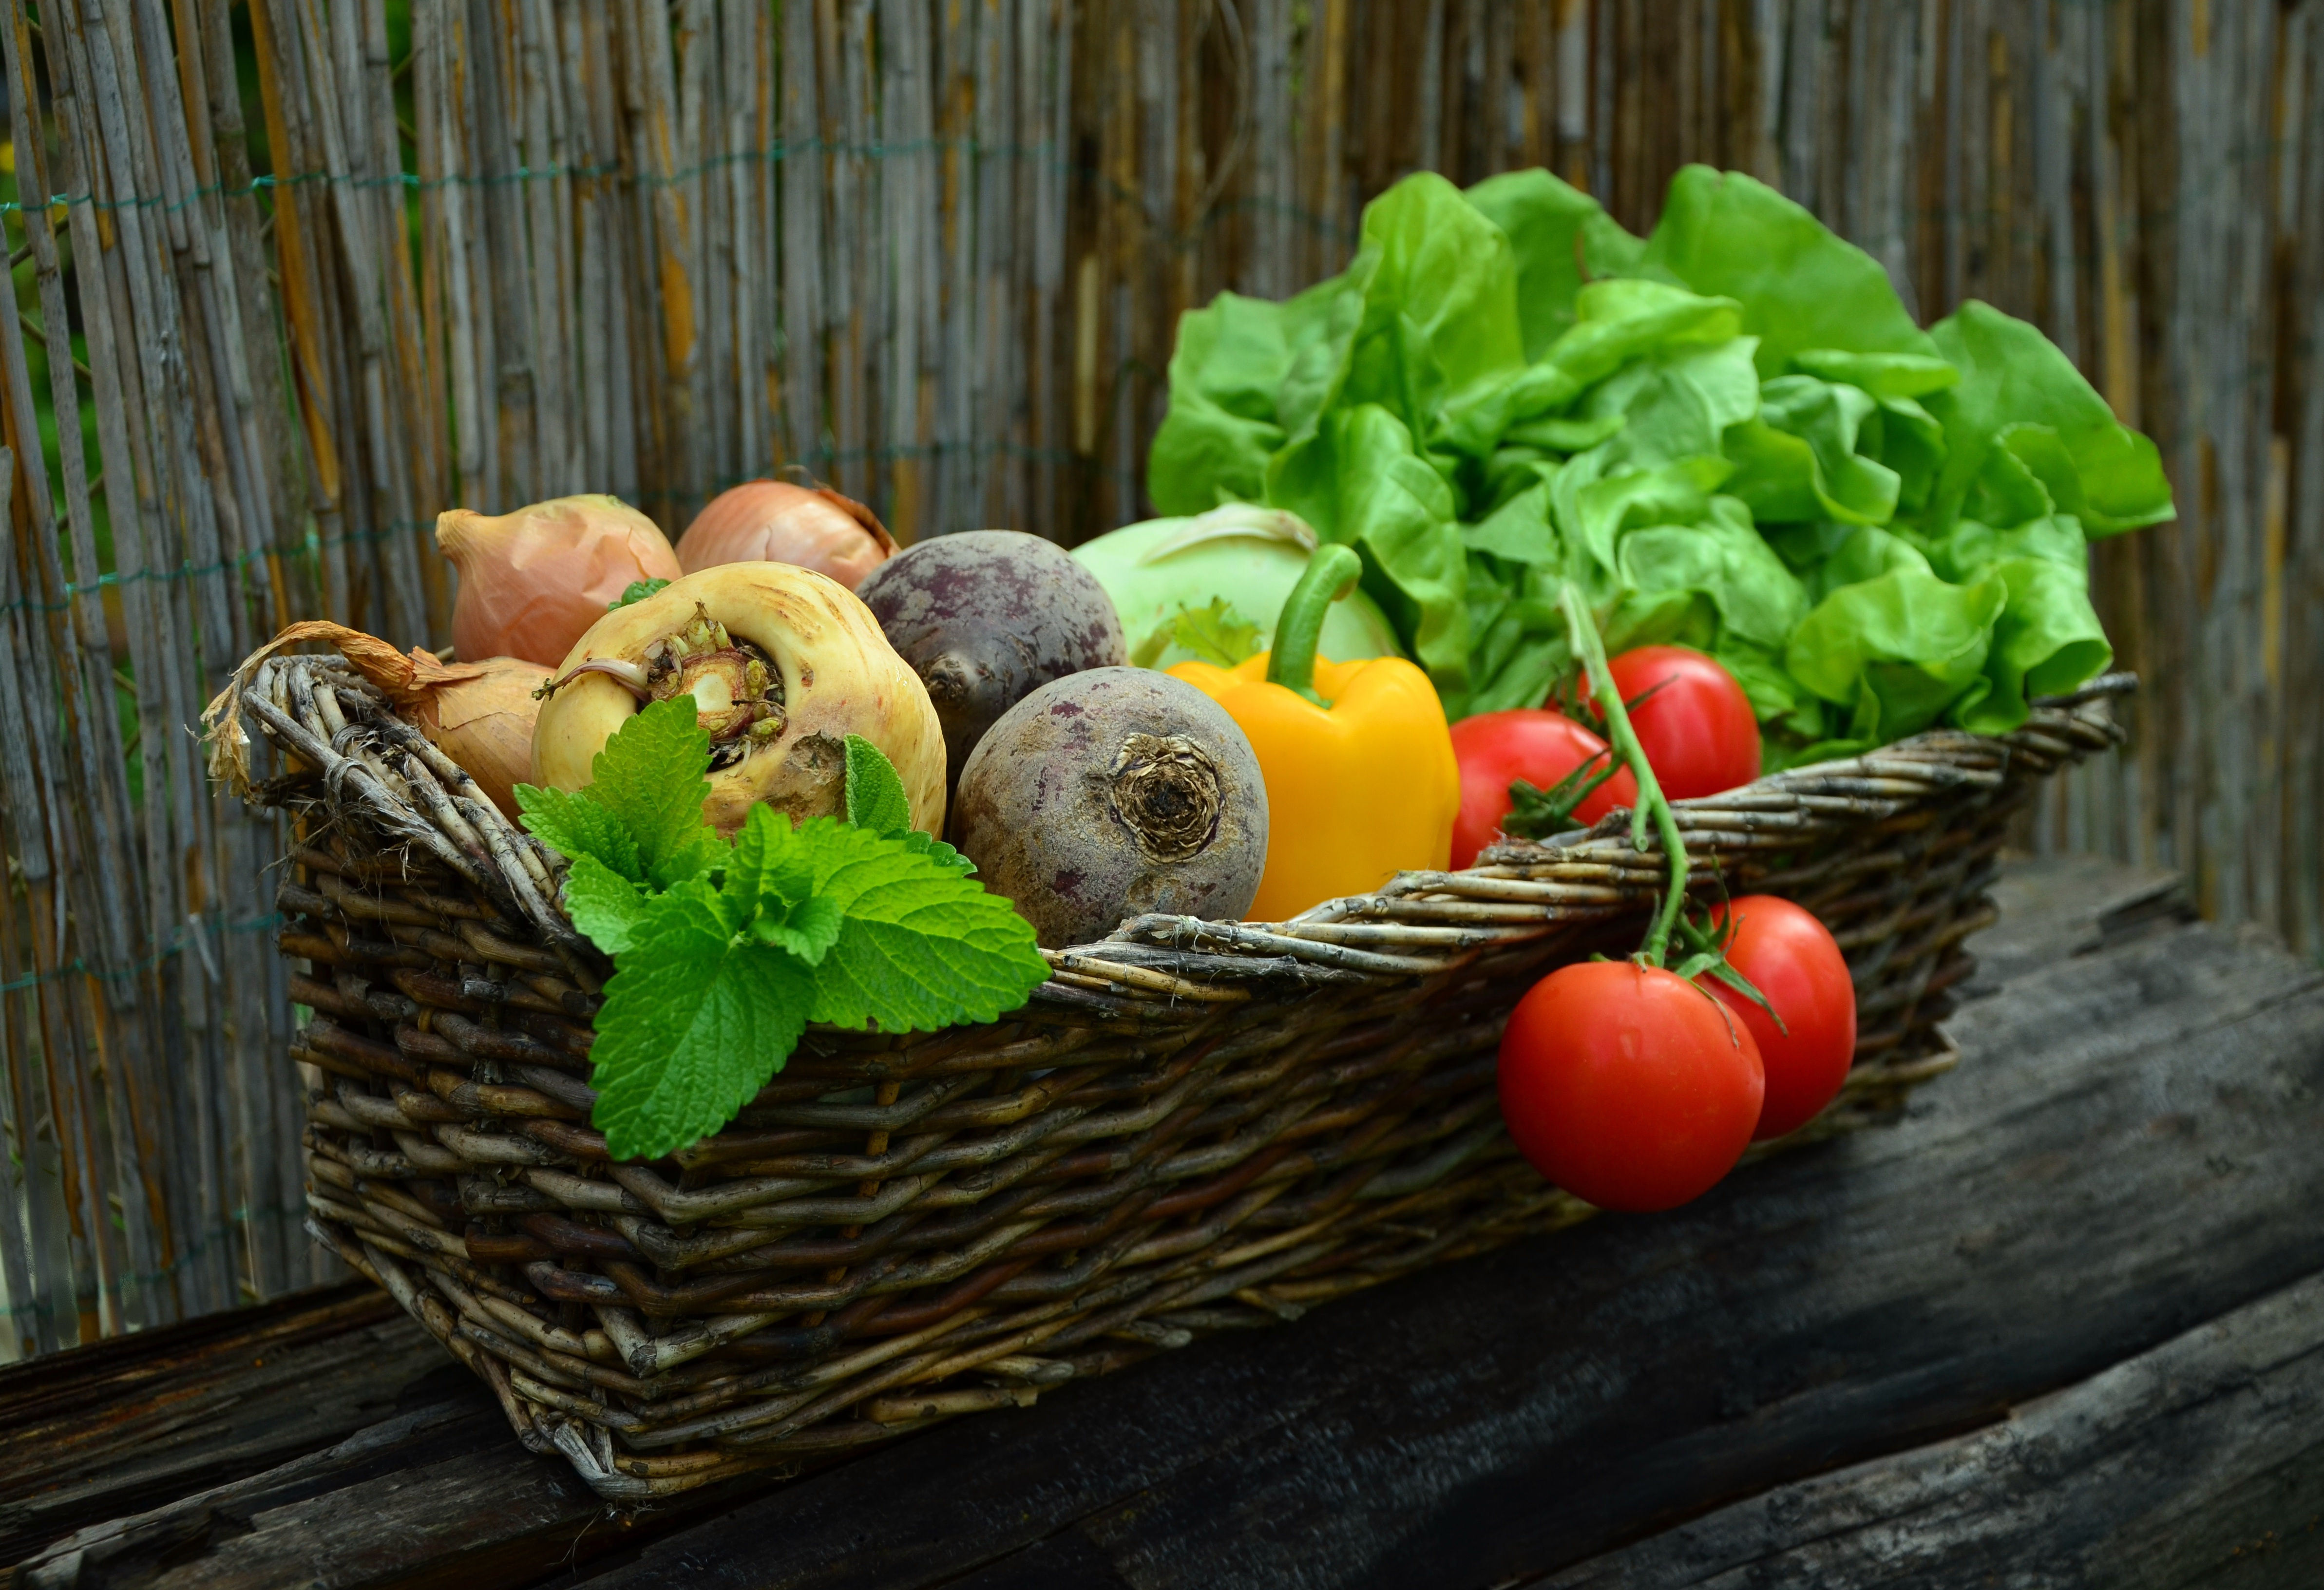 '双节'送干货,装满菜篮子!线上线下玩转农产品营销